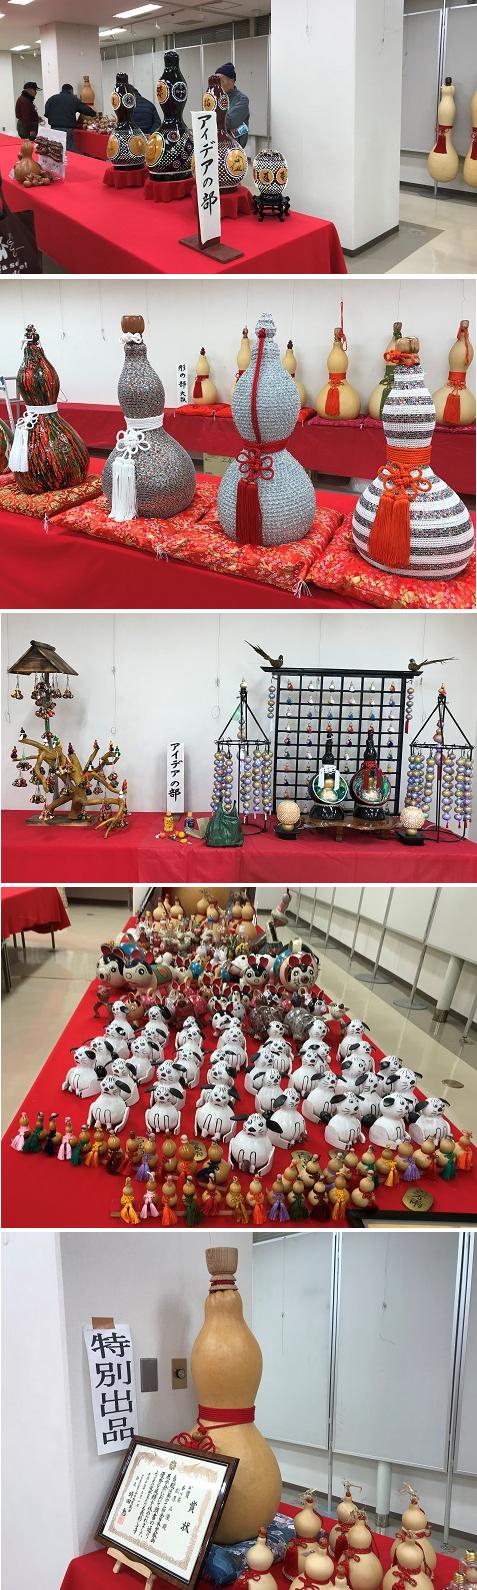 20180112ひょうたん展示